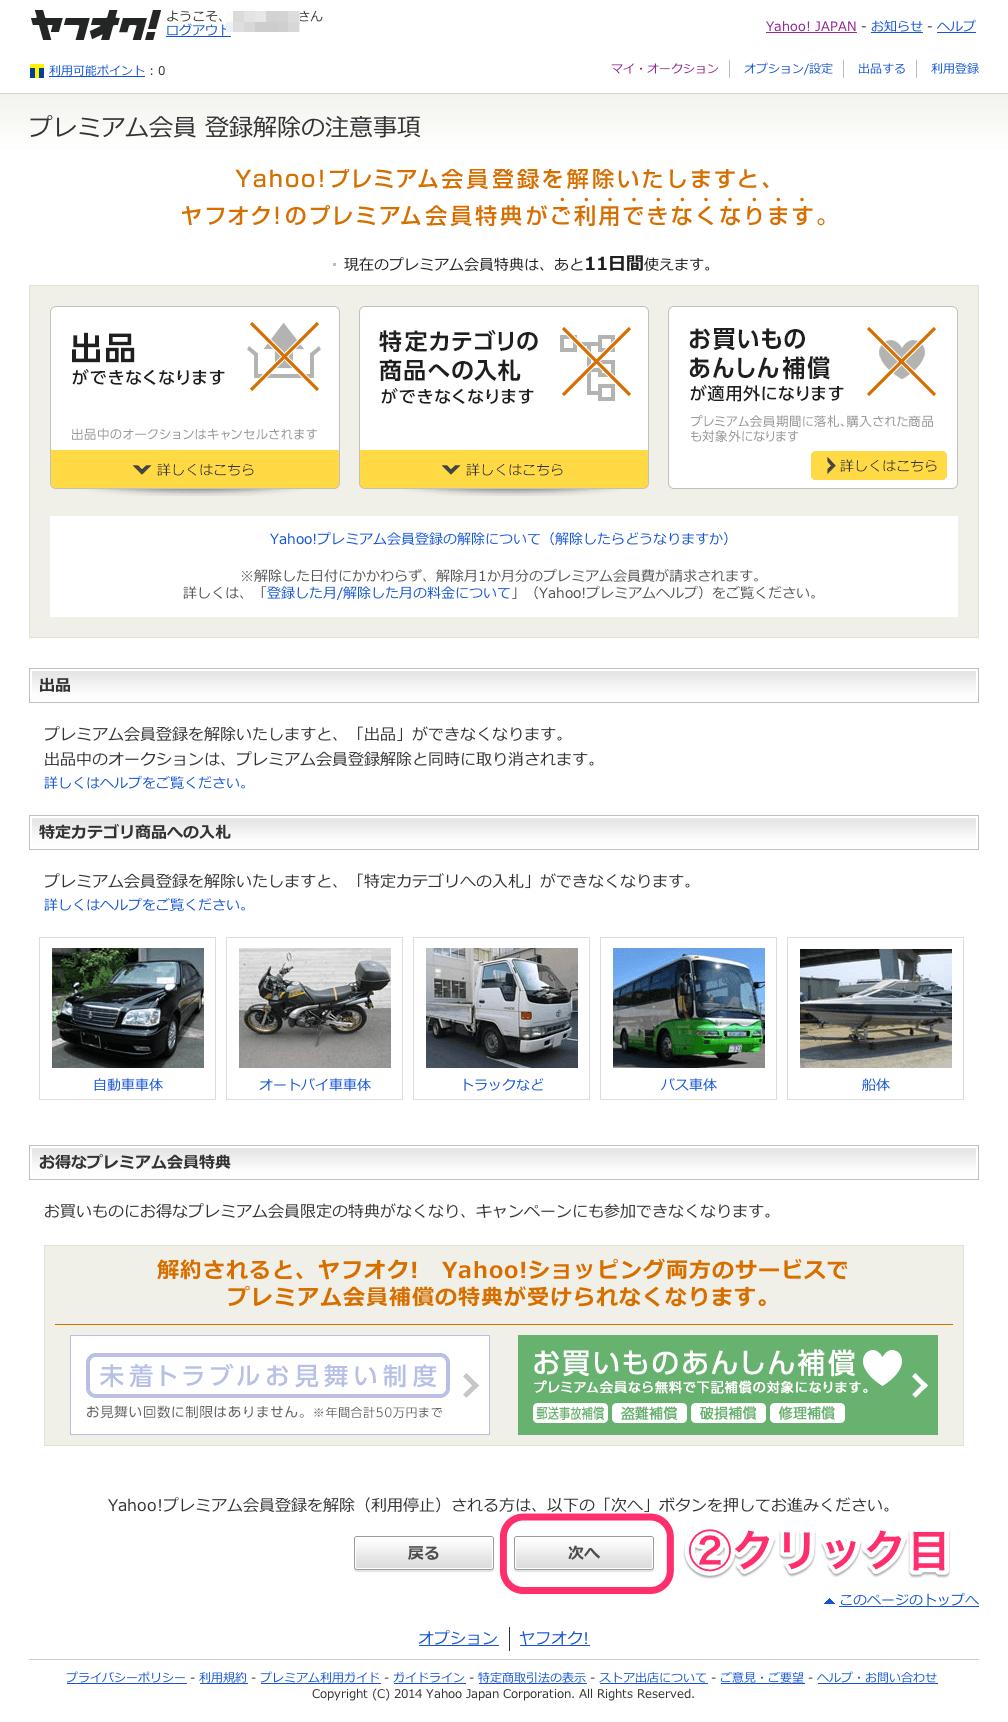 yahoo_premium-02